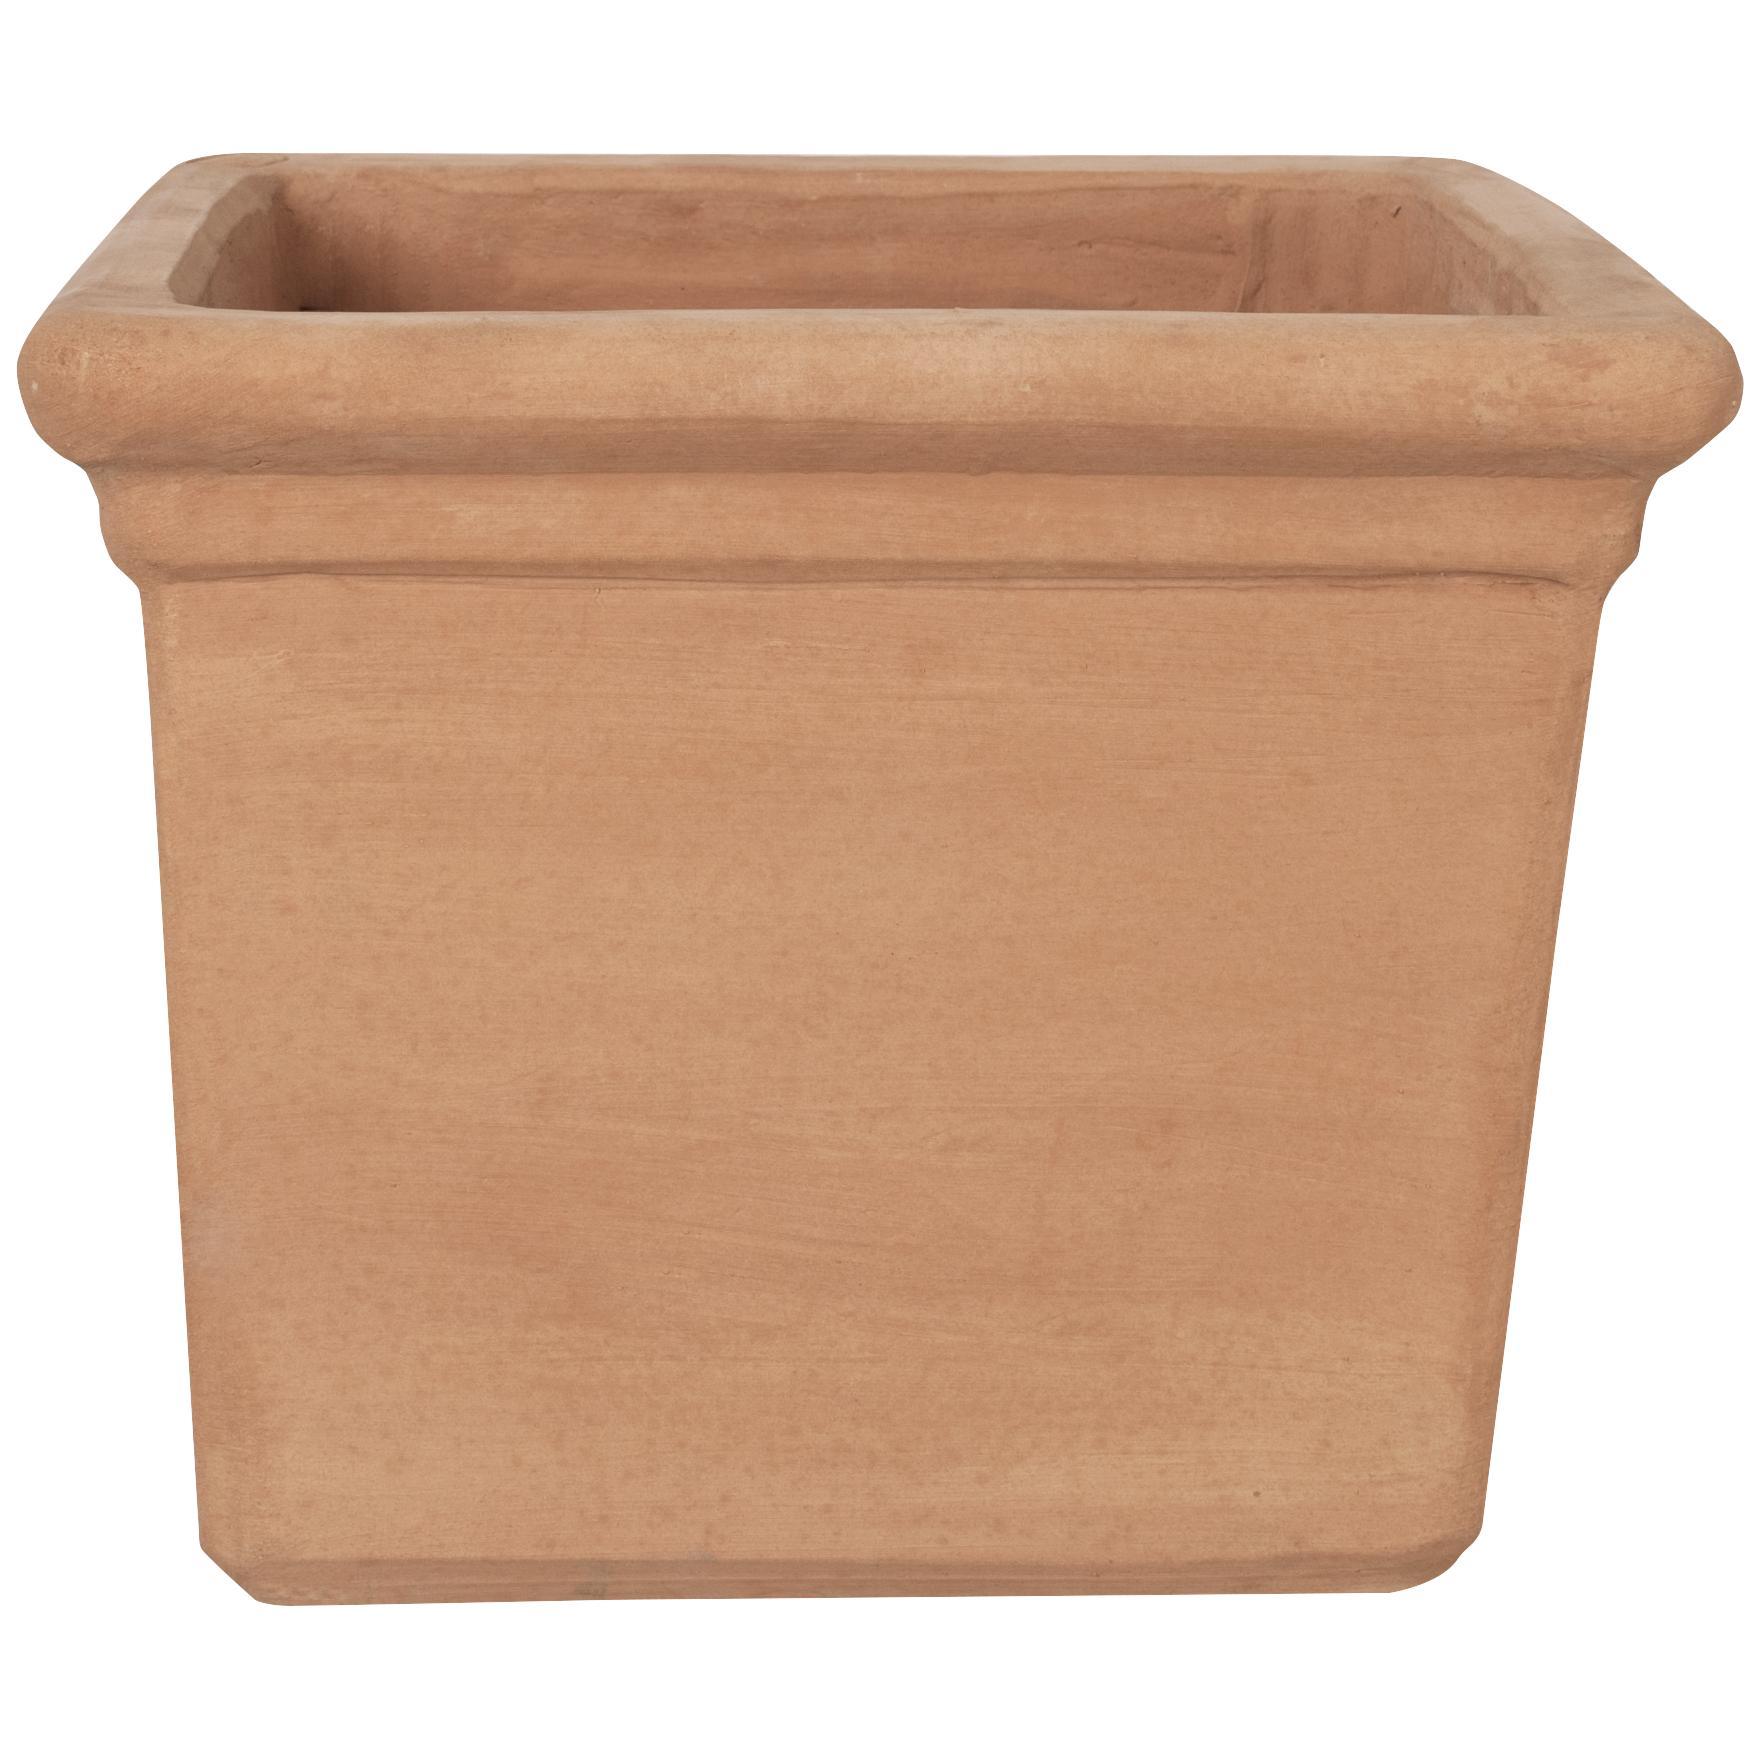 Terracotta Cubo, Cassetta, Semicircolare en Angolare